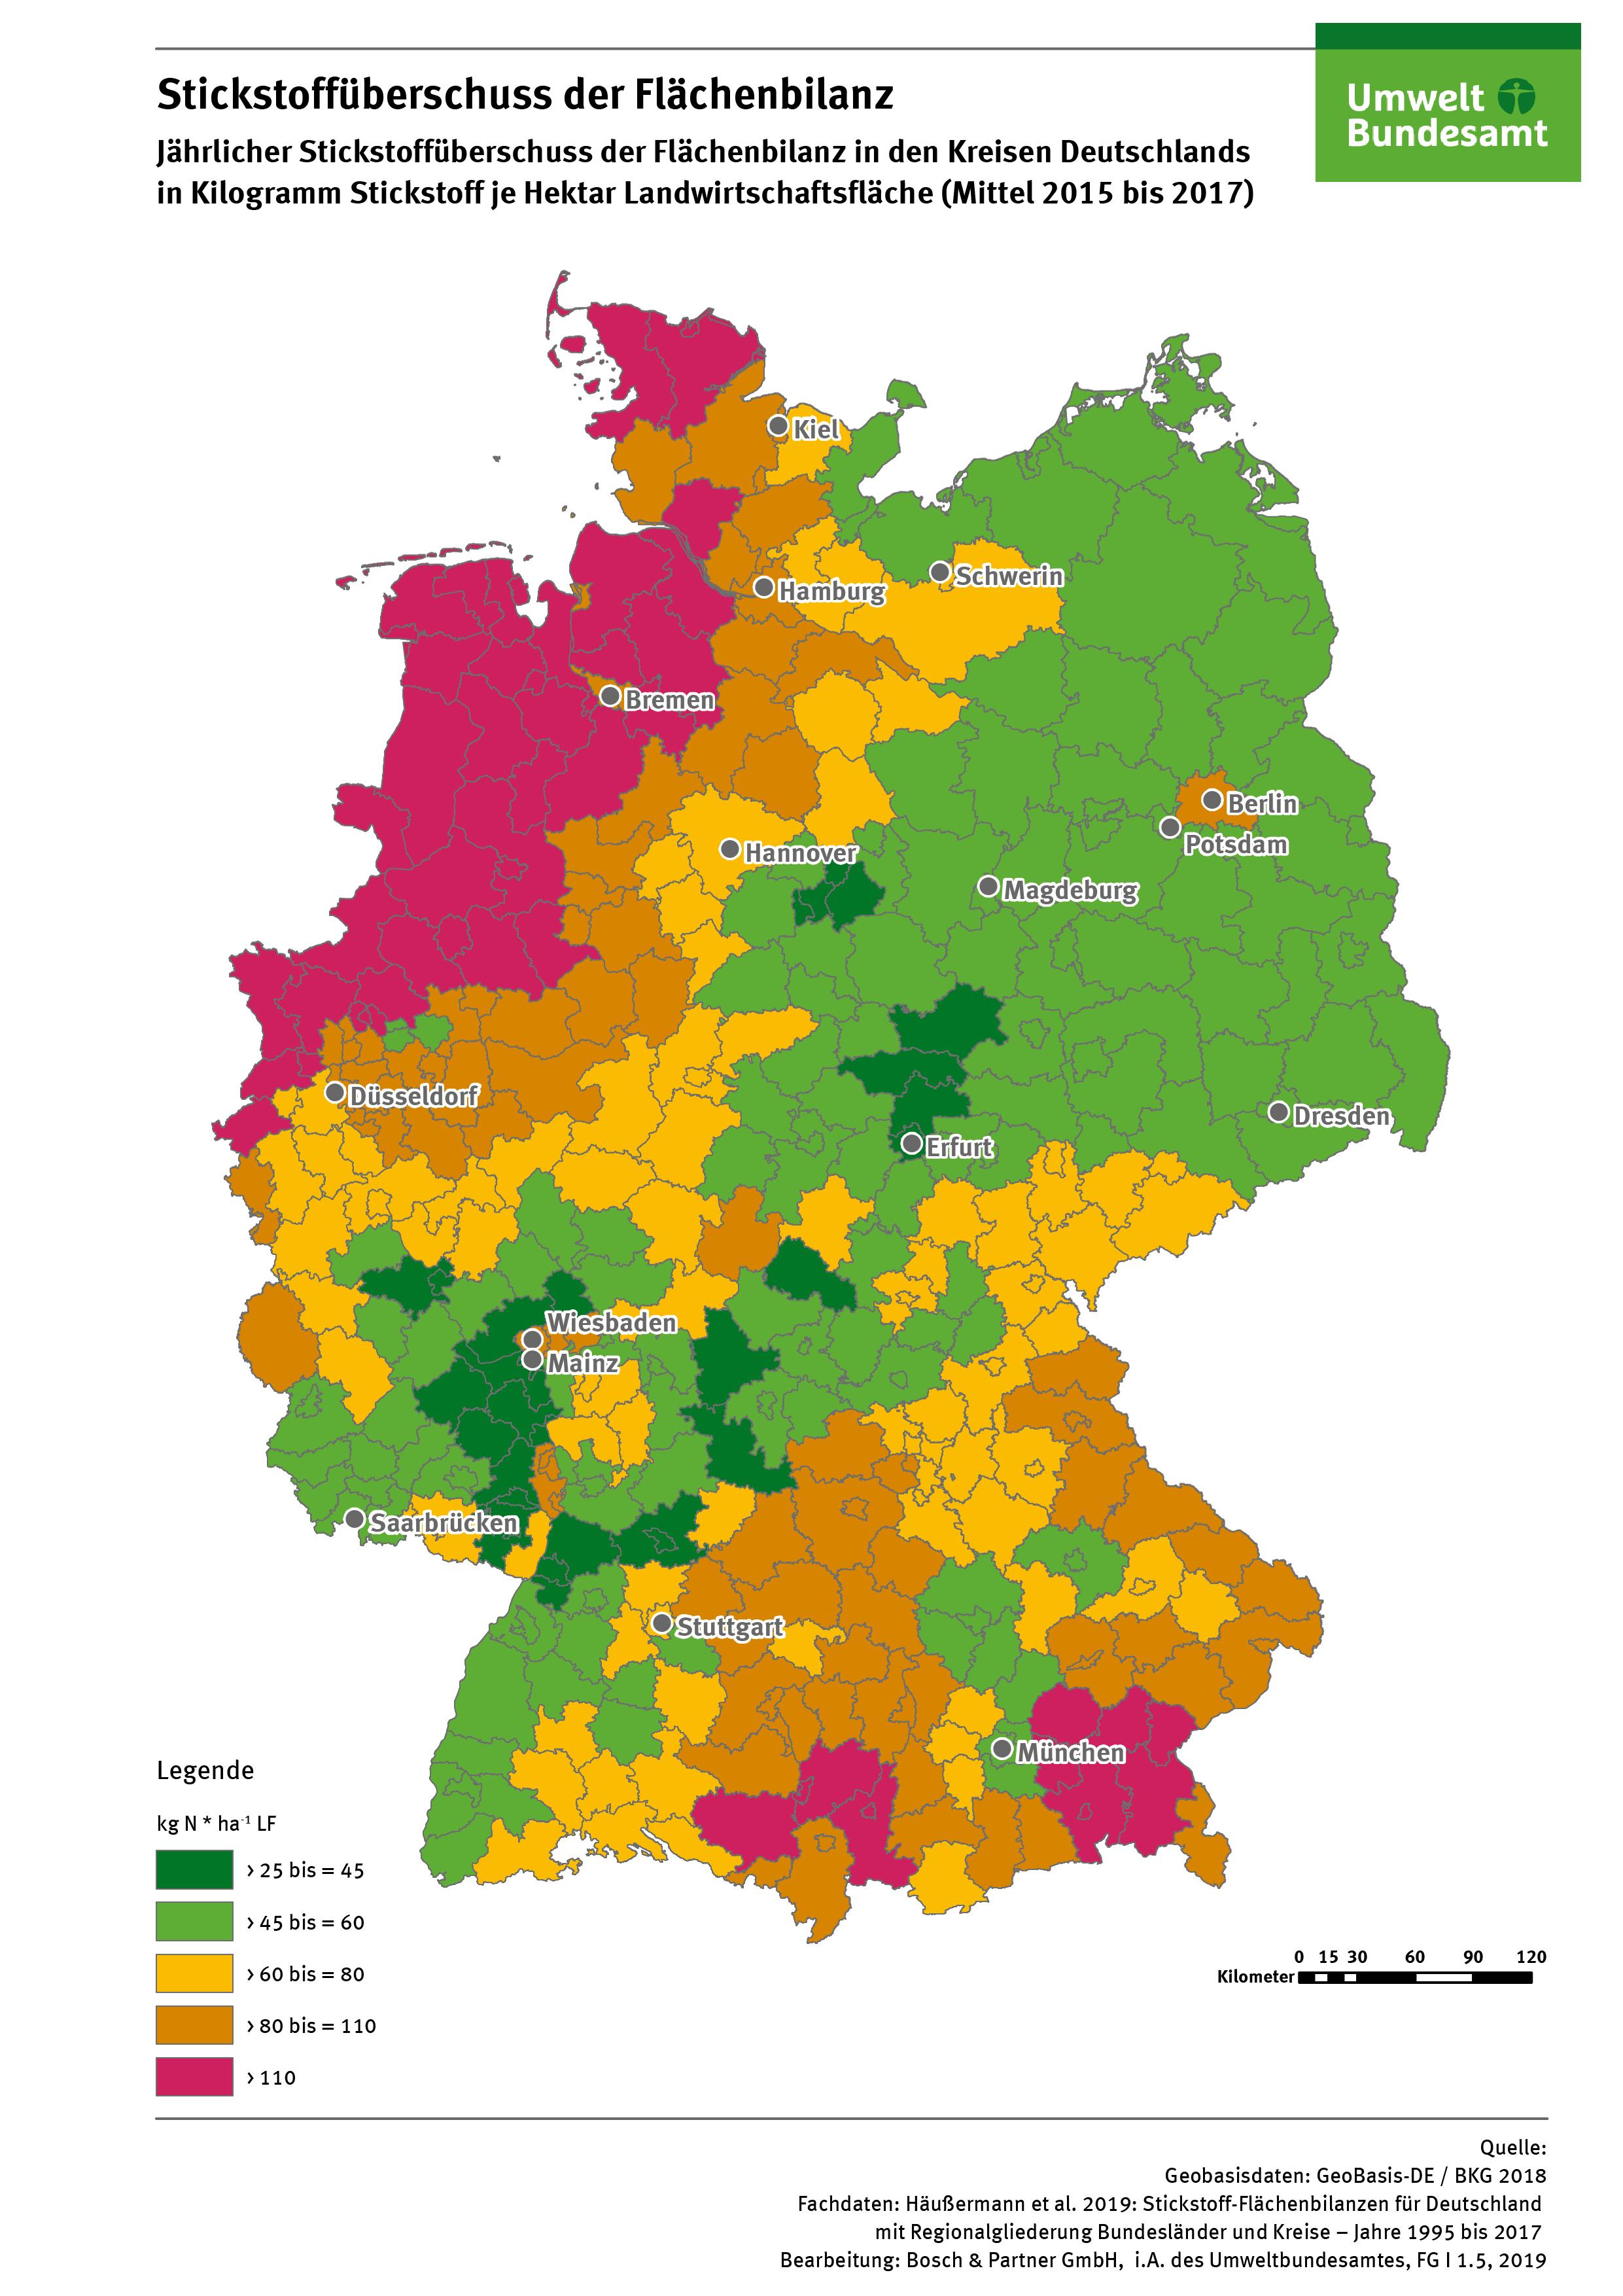 Die Karte zeigt den Stickstoffüberschuss der Flächenbilanz in Kilogramm Stickstoff je Hektar Landwirtschaftsfläche in den Kreisen in Deutschland im Mittel der Jahre 2015 bis 2017. Einen besonders hohen Überschuss gibt es in den Regionen mit einer intensiven Tierhaltung im Nordwesten Deutschlands sowie in den süddeutschen Viehhaltungsregionen.